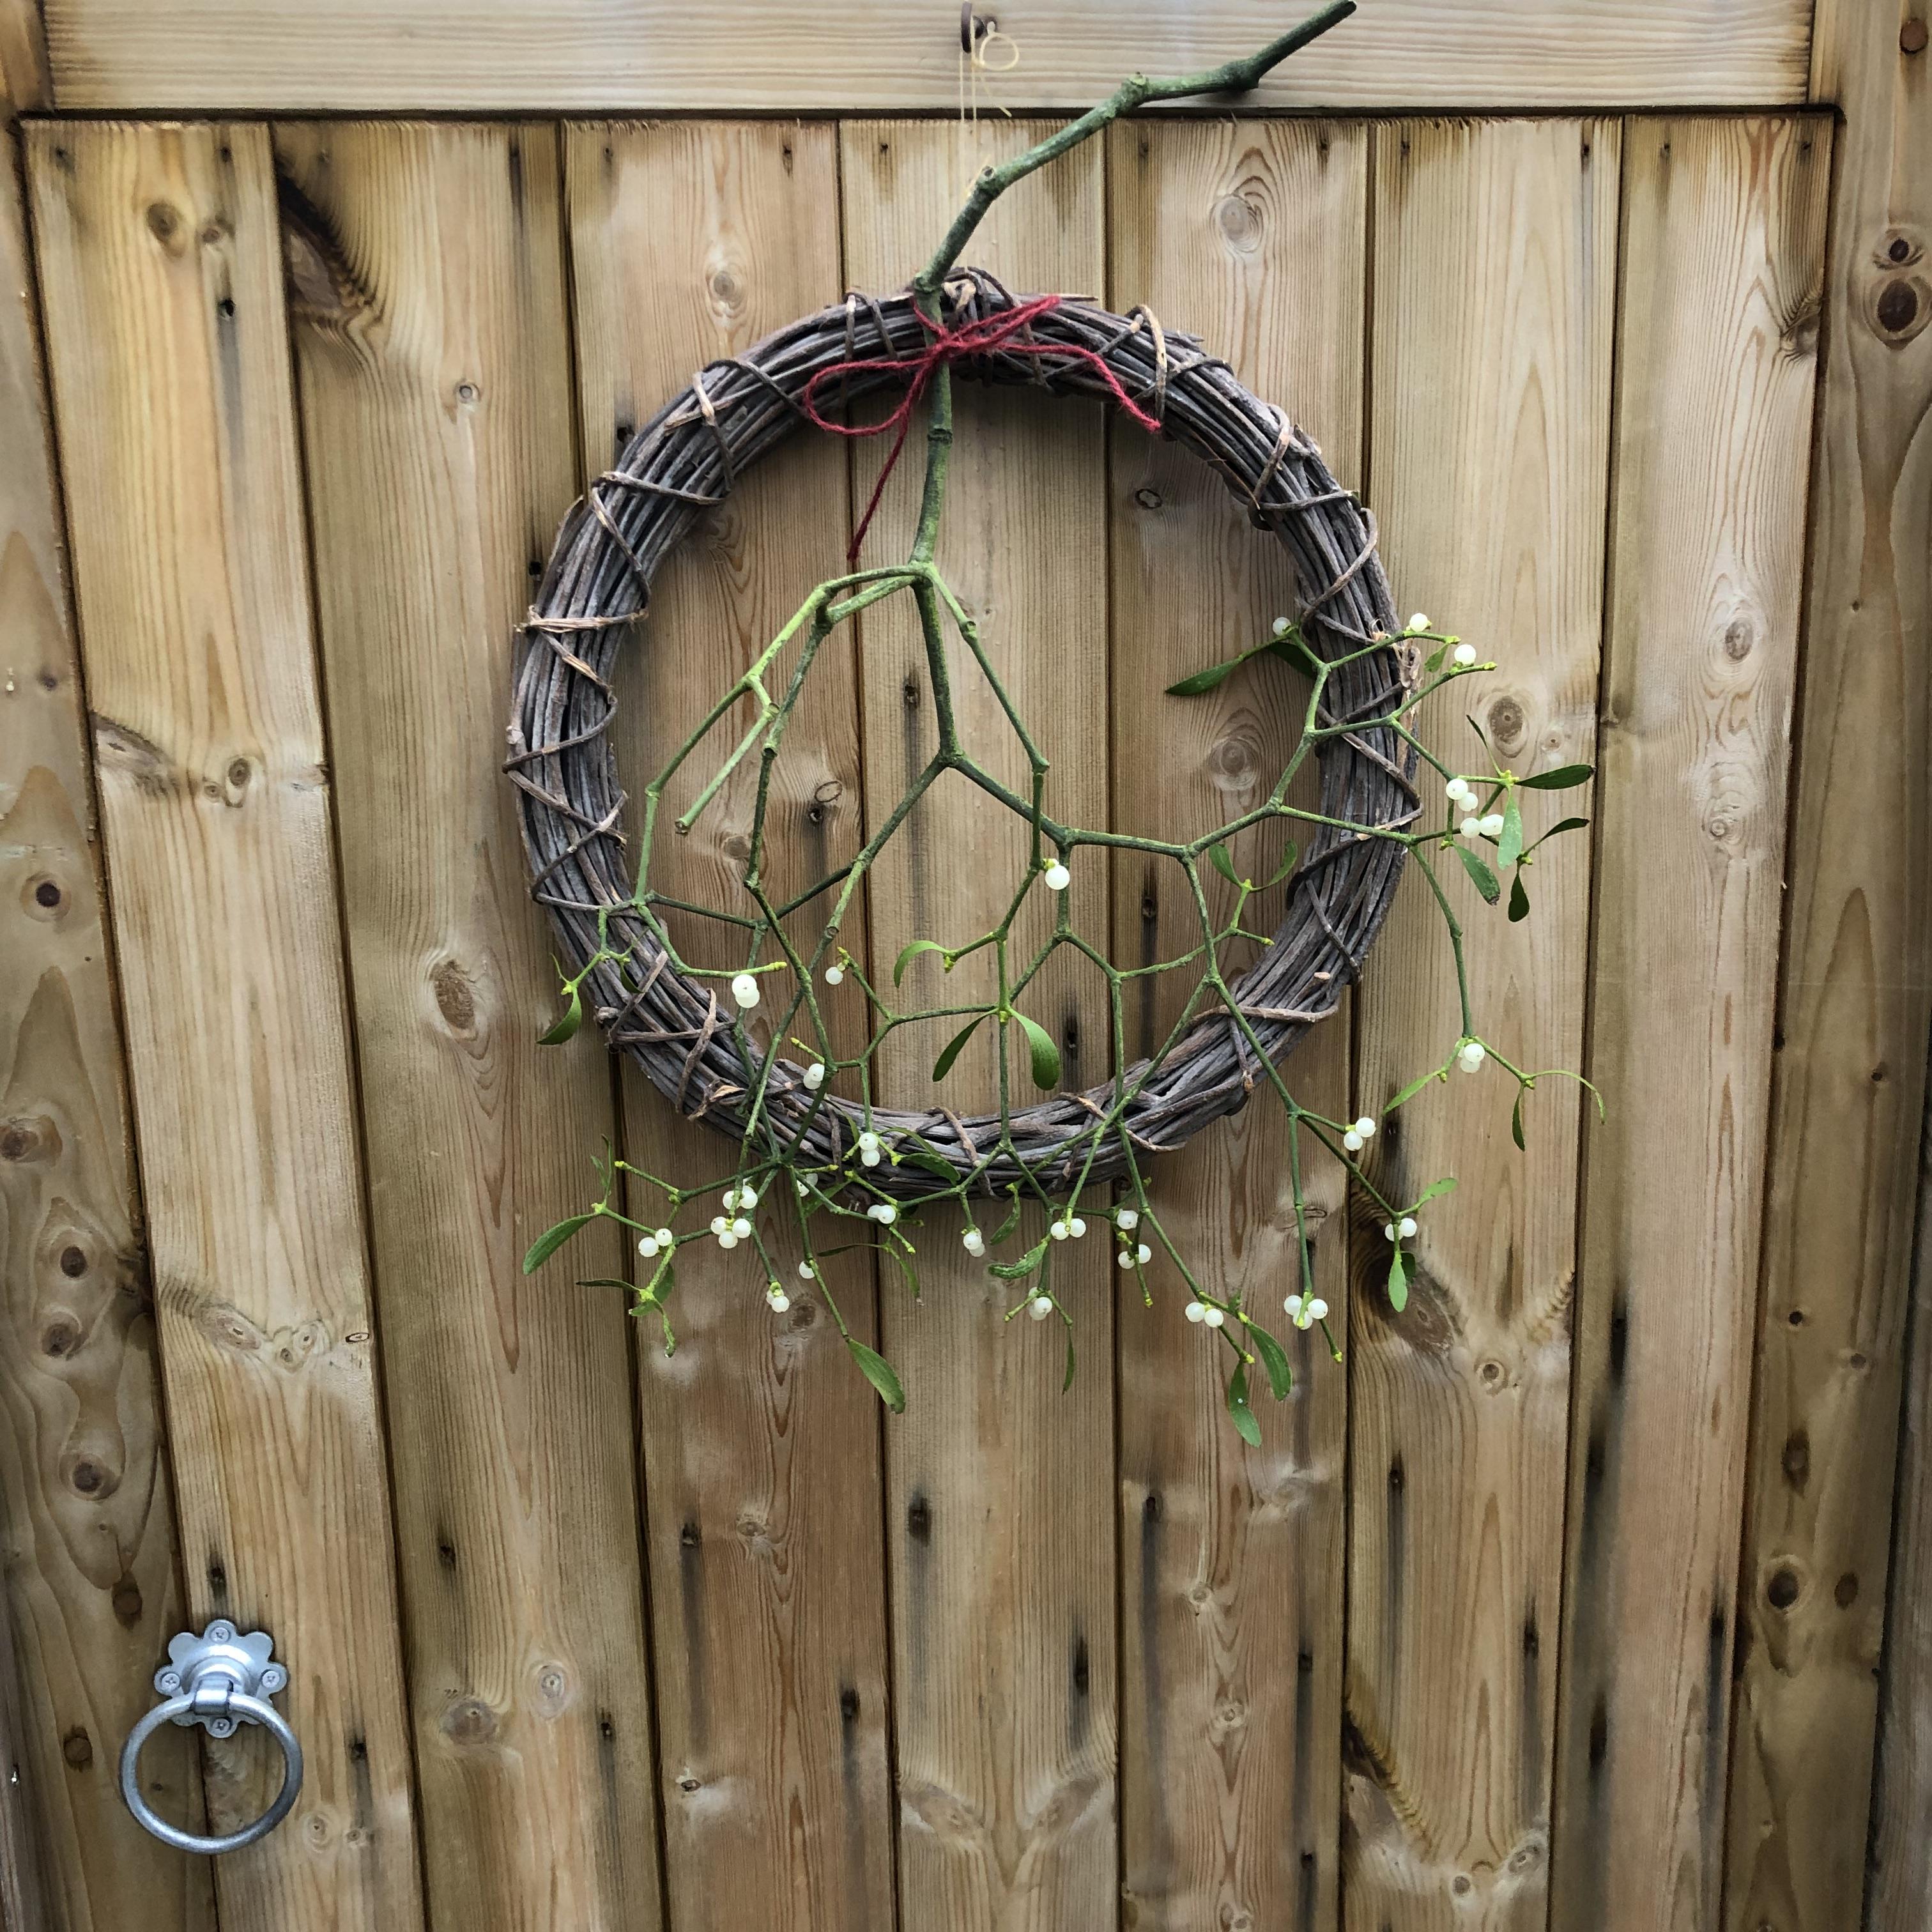 LSW's Minimalist Wreath